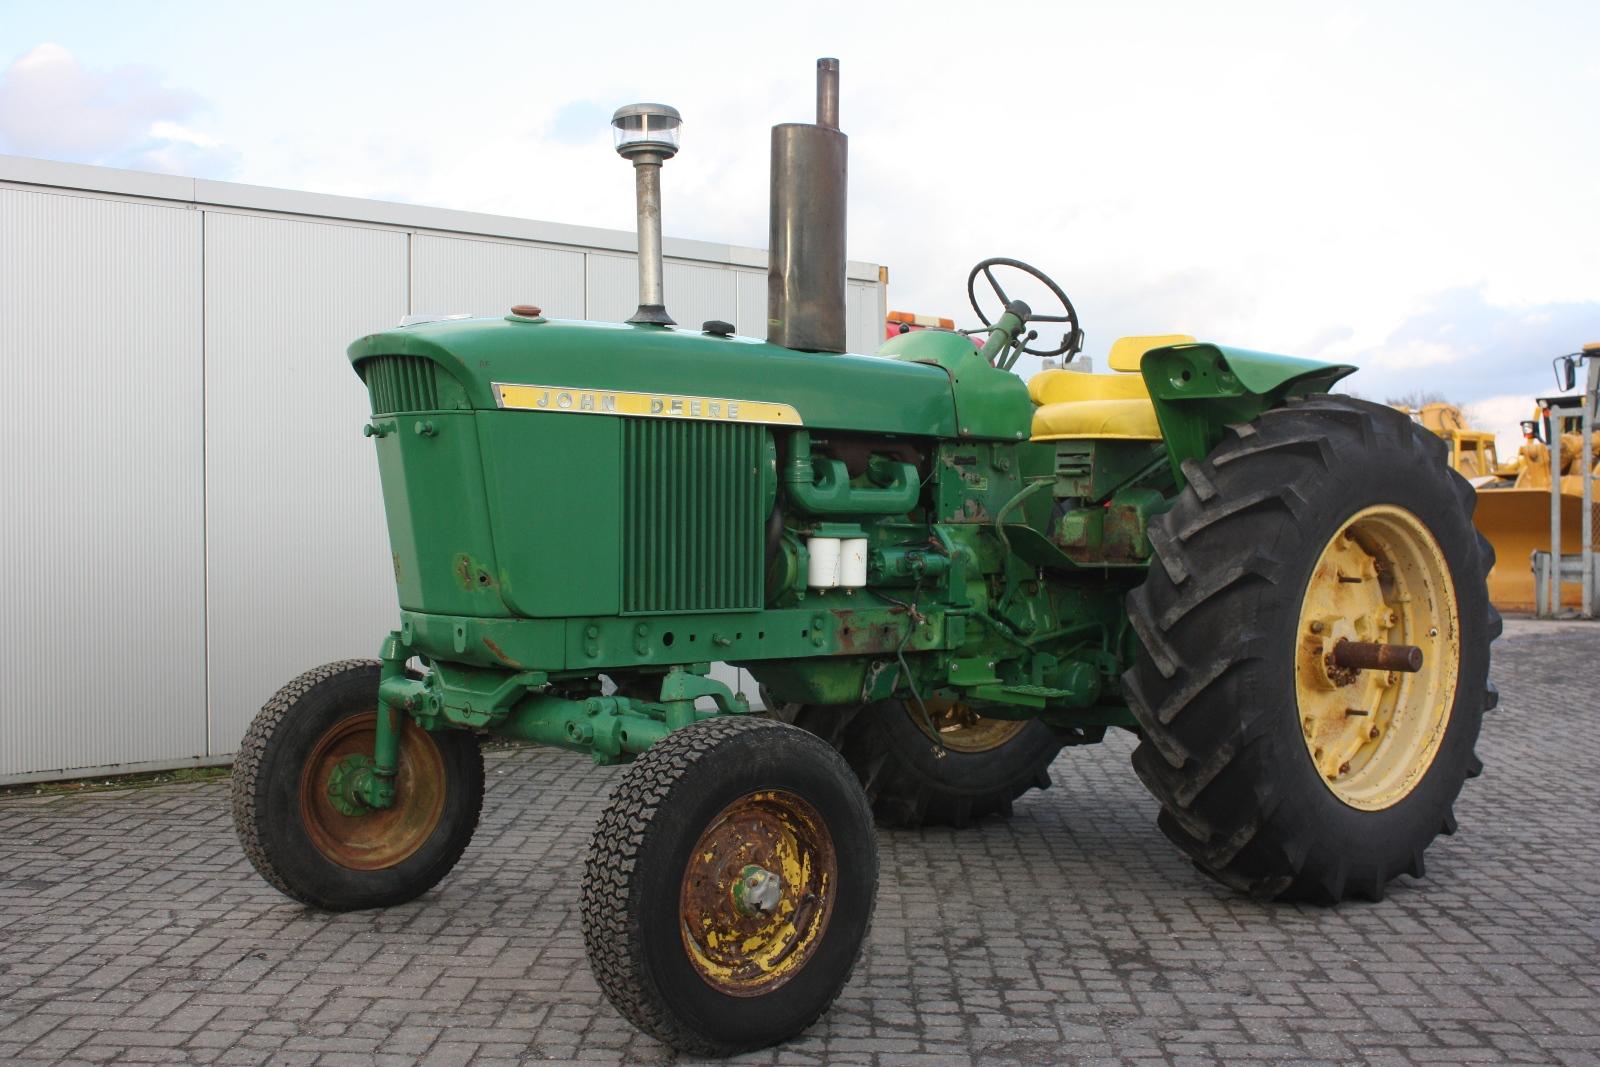 JOHN DEERE 3020 1967 Vintage tractor | Van Dijk Heavy ...